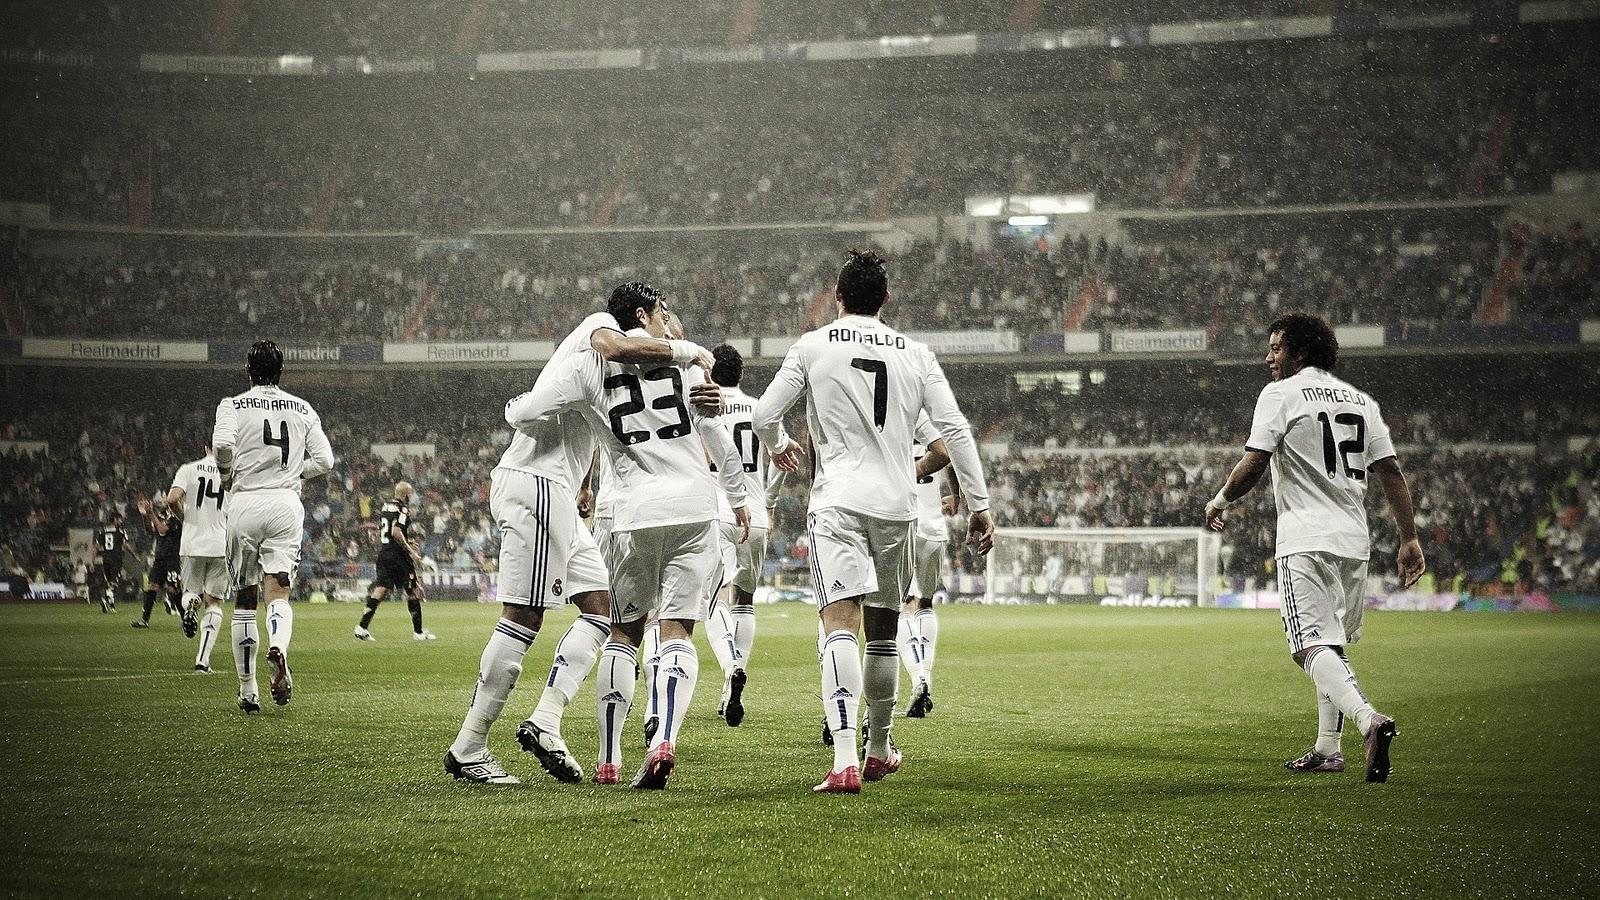 real madrid football team hd wallpaper